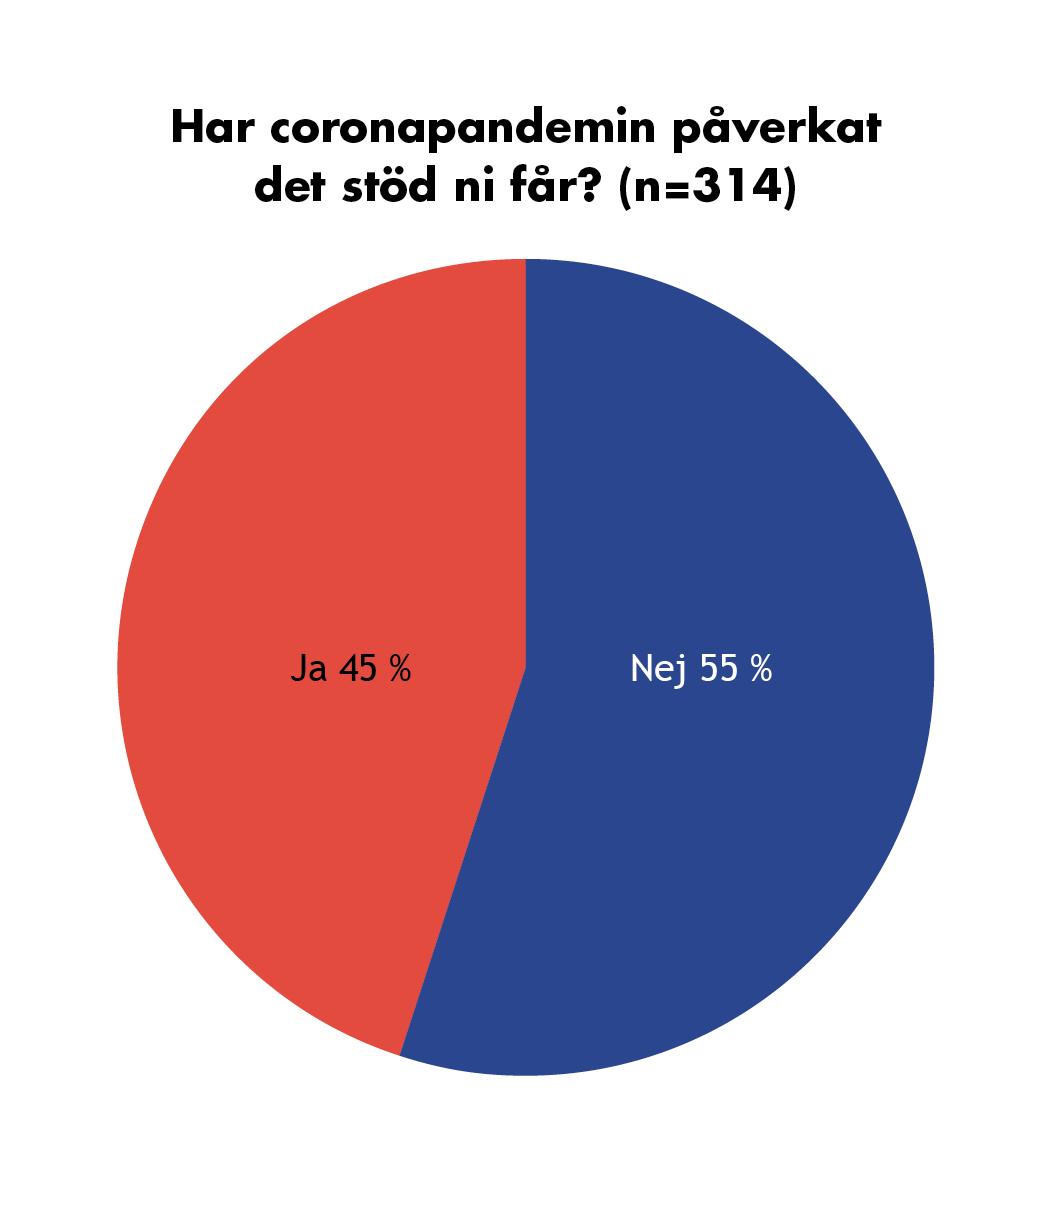 Graf: Har coronapandemin påverkat det stöd ni får (n= 314)? 45 % svarade ja, 55 % svarade nej.